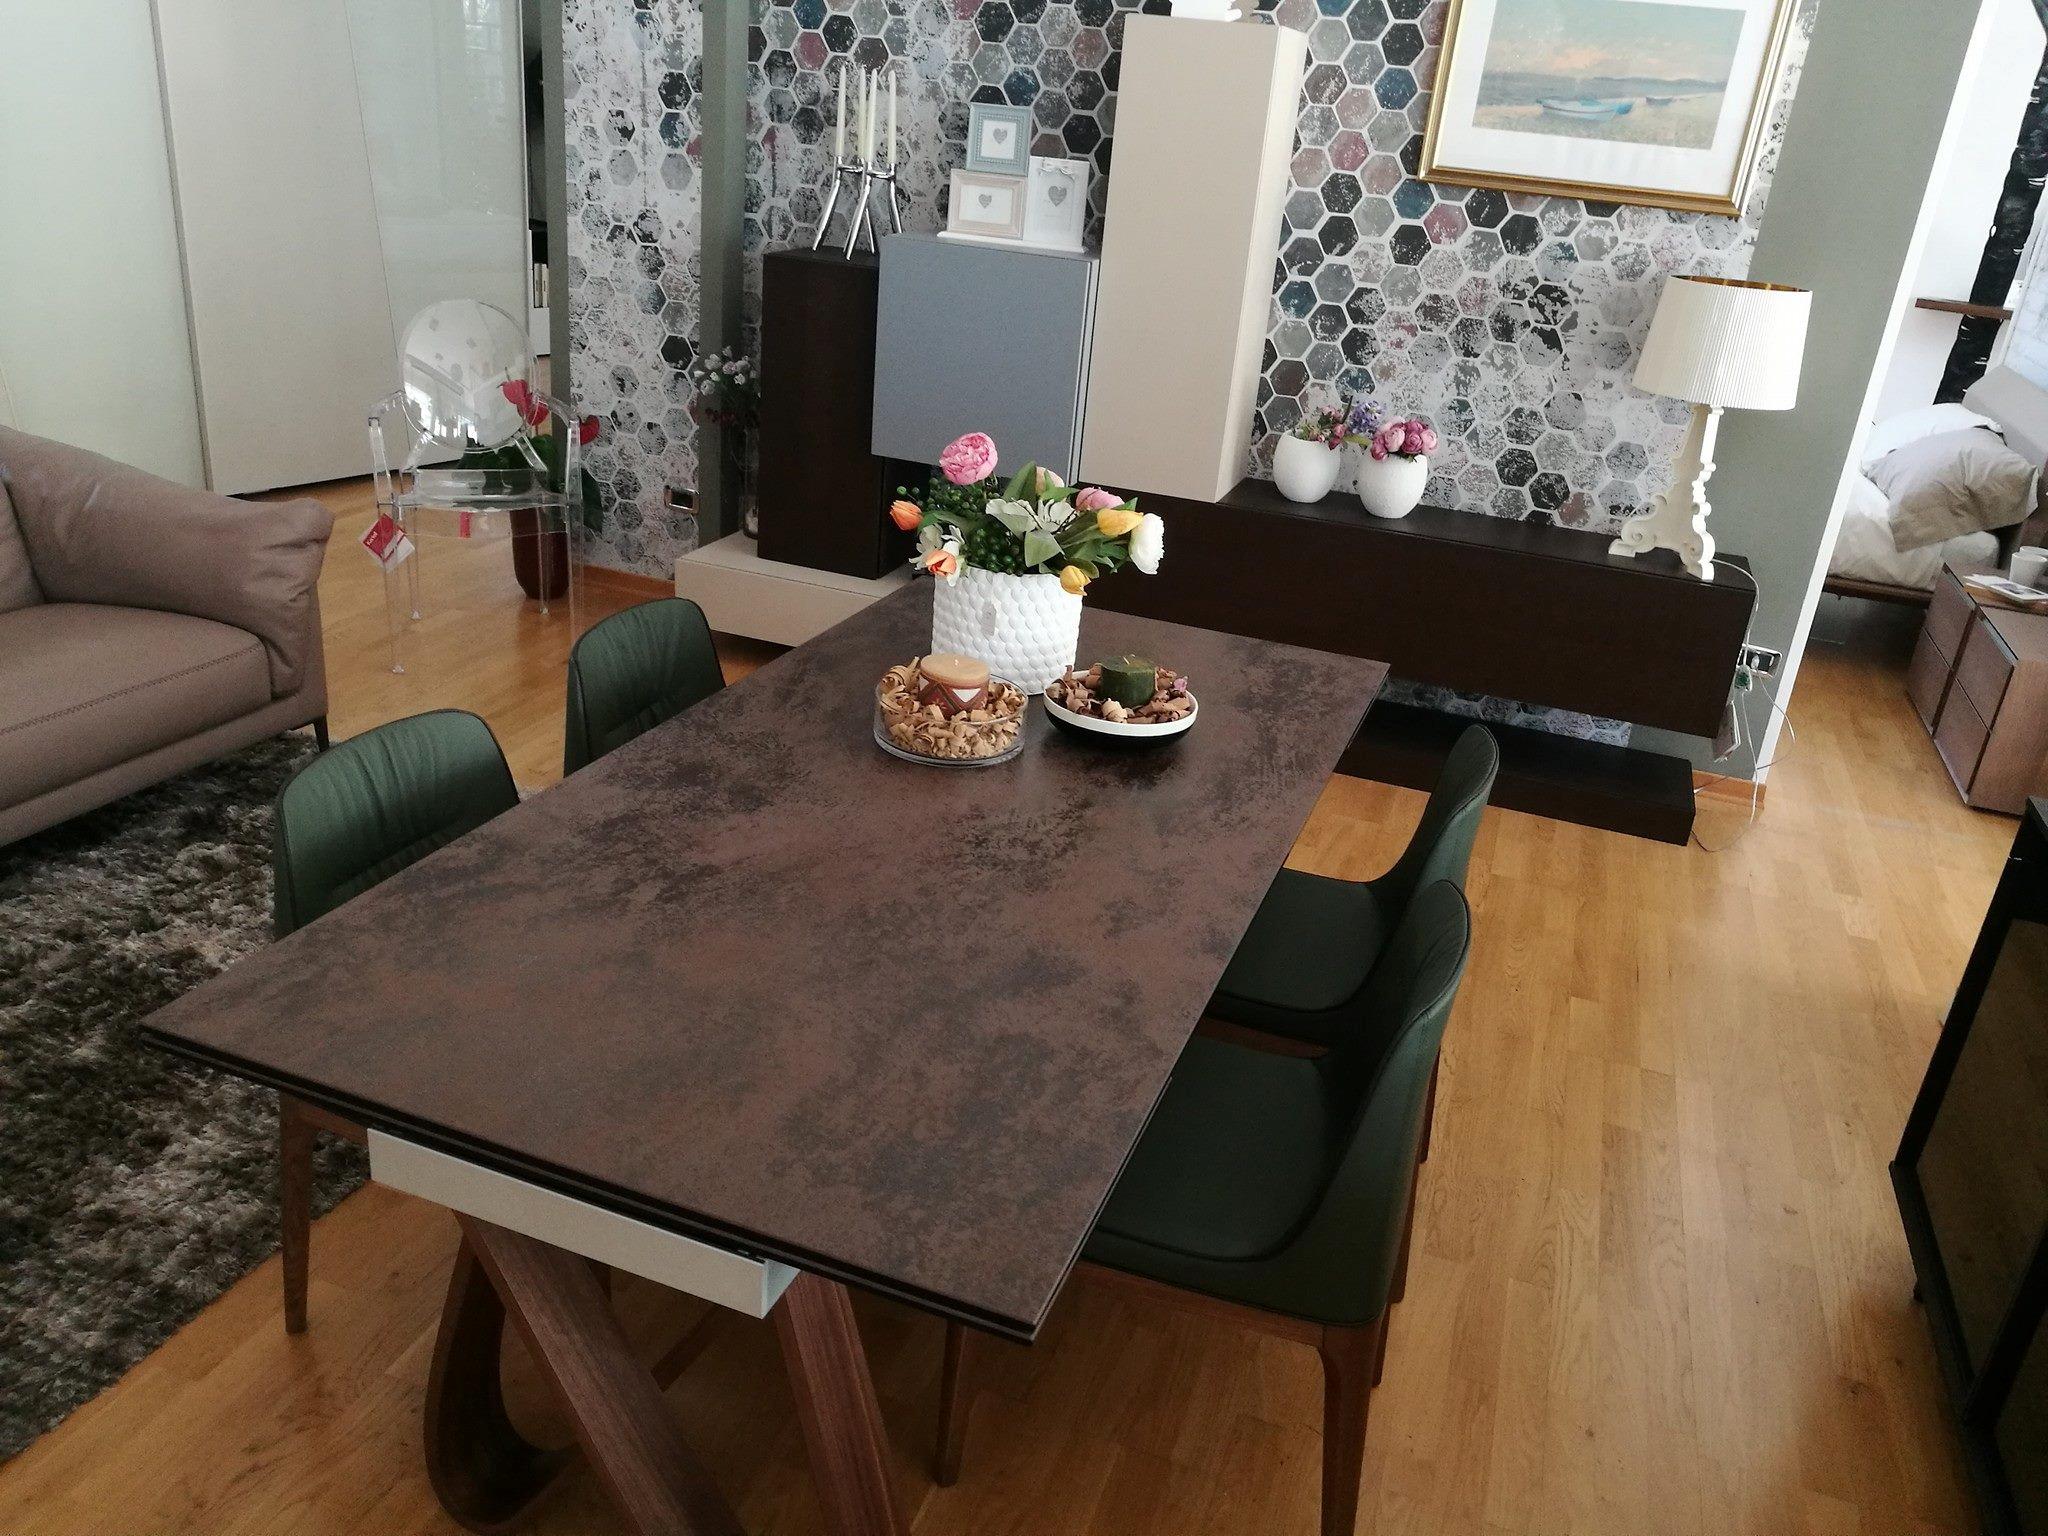 Tavolo tonin casa butterfly allungabili tavoli a prezzi - Tavoli allungabili moderni prezzi ...